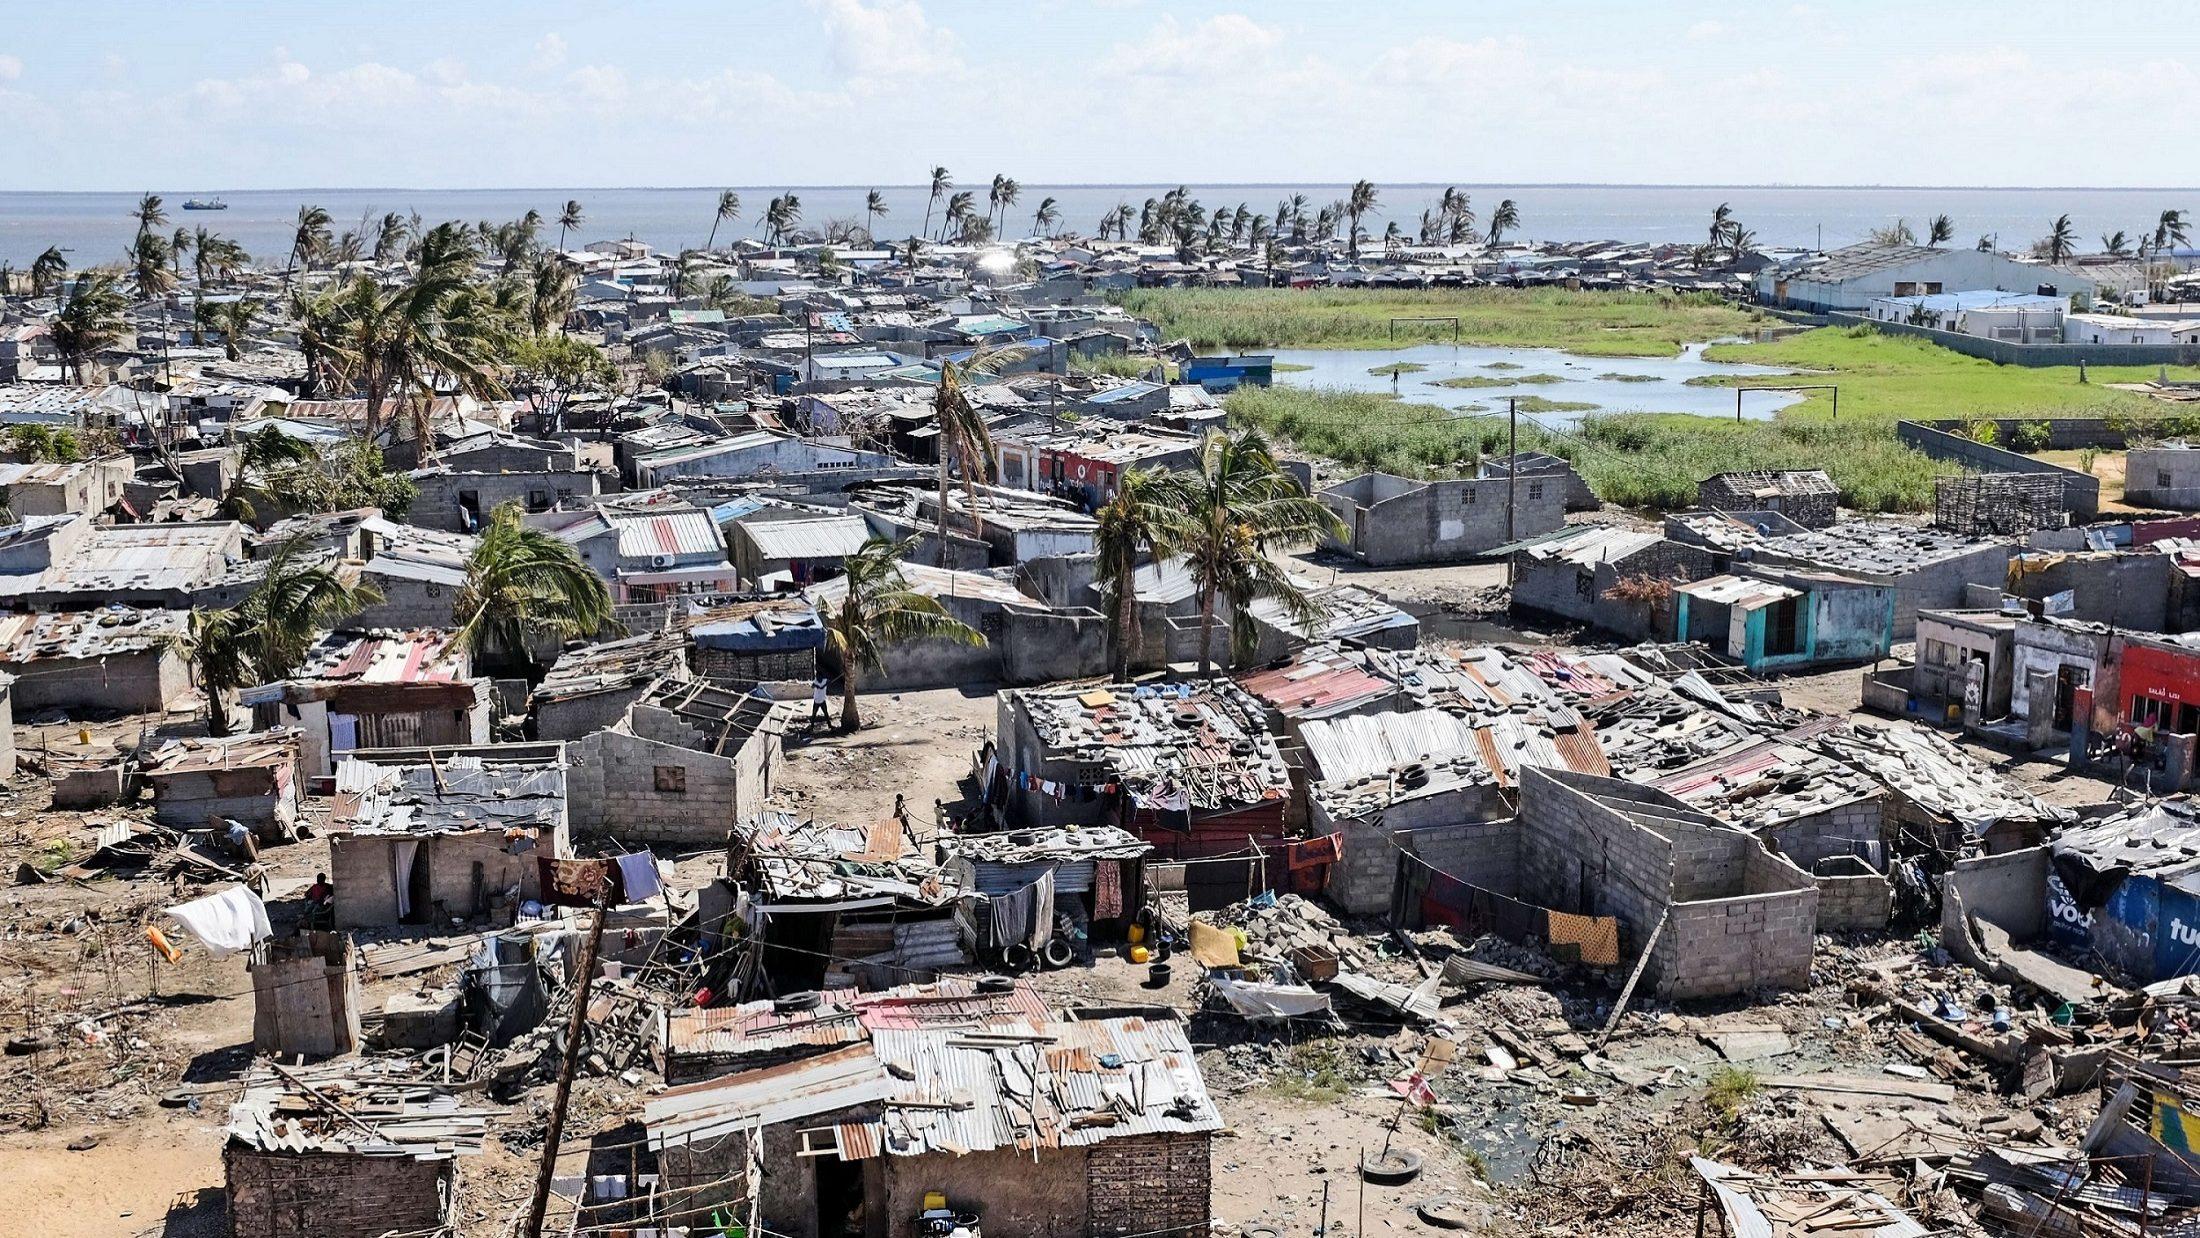 BAD prepara seguro contra catástrofes naturais em Moçambique